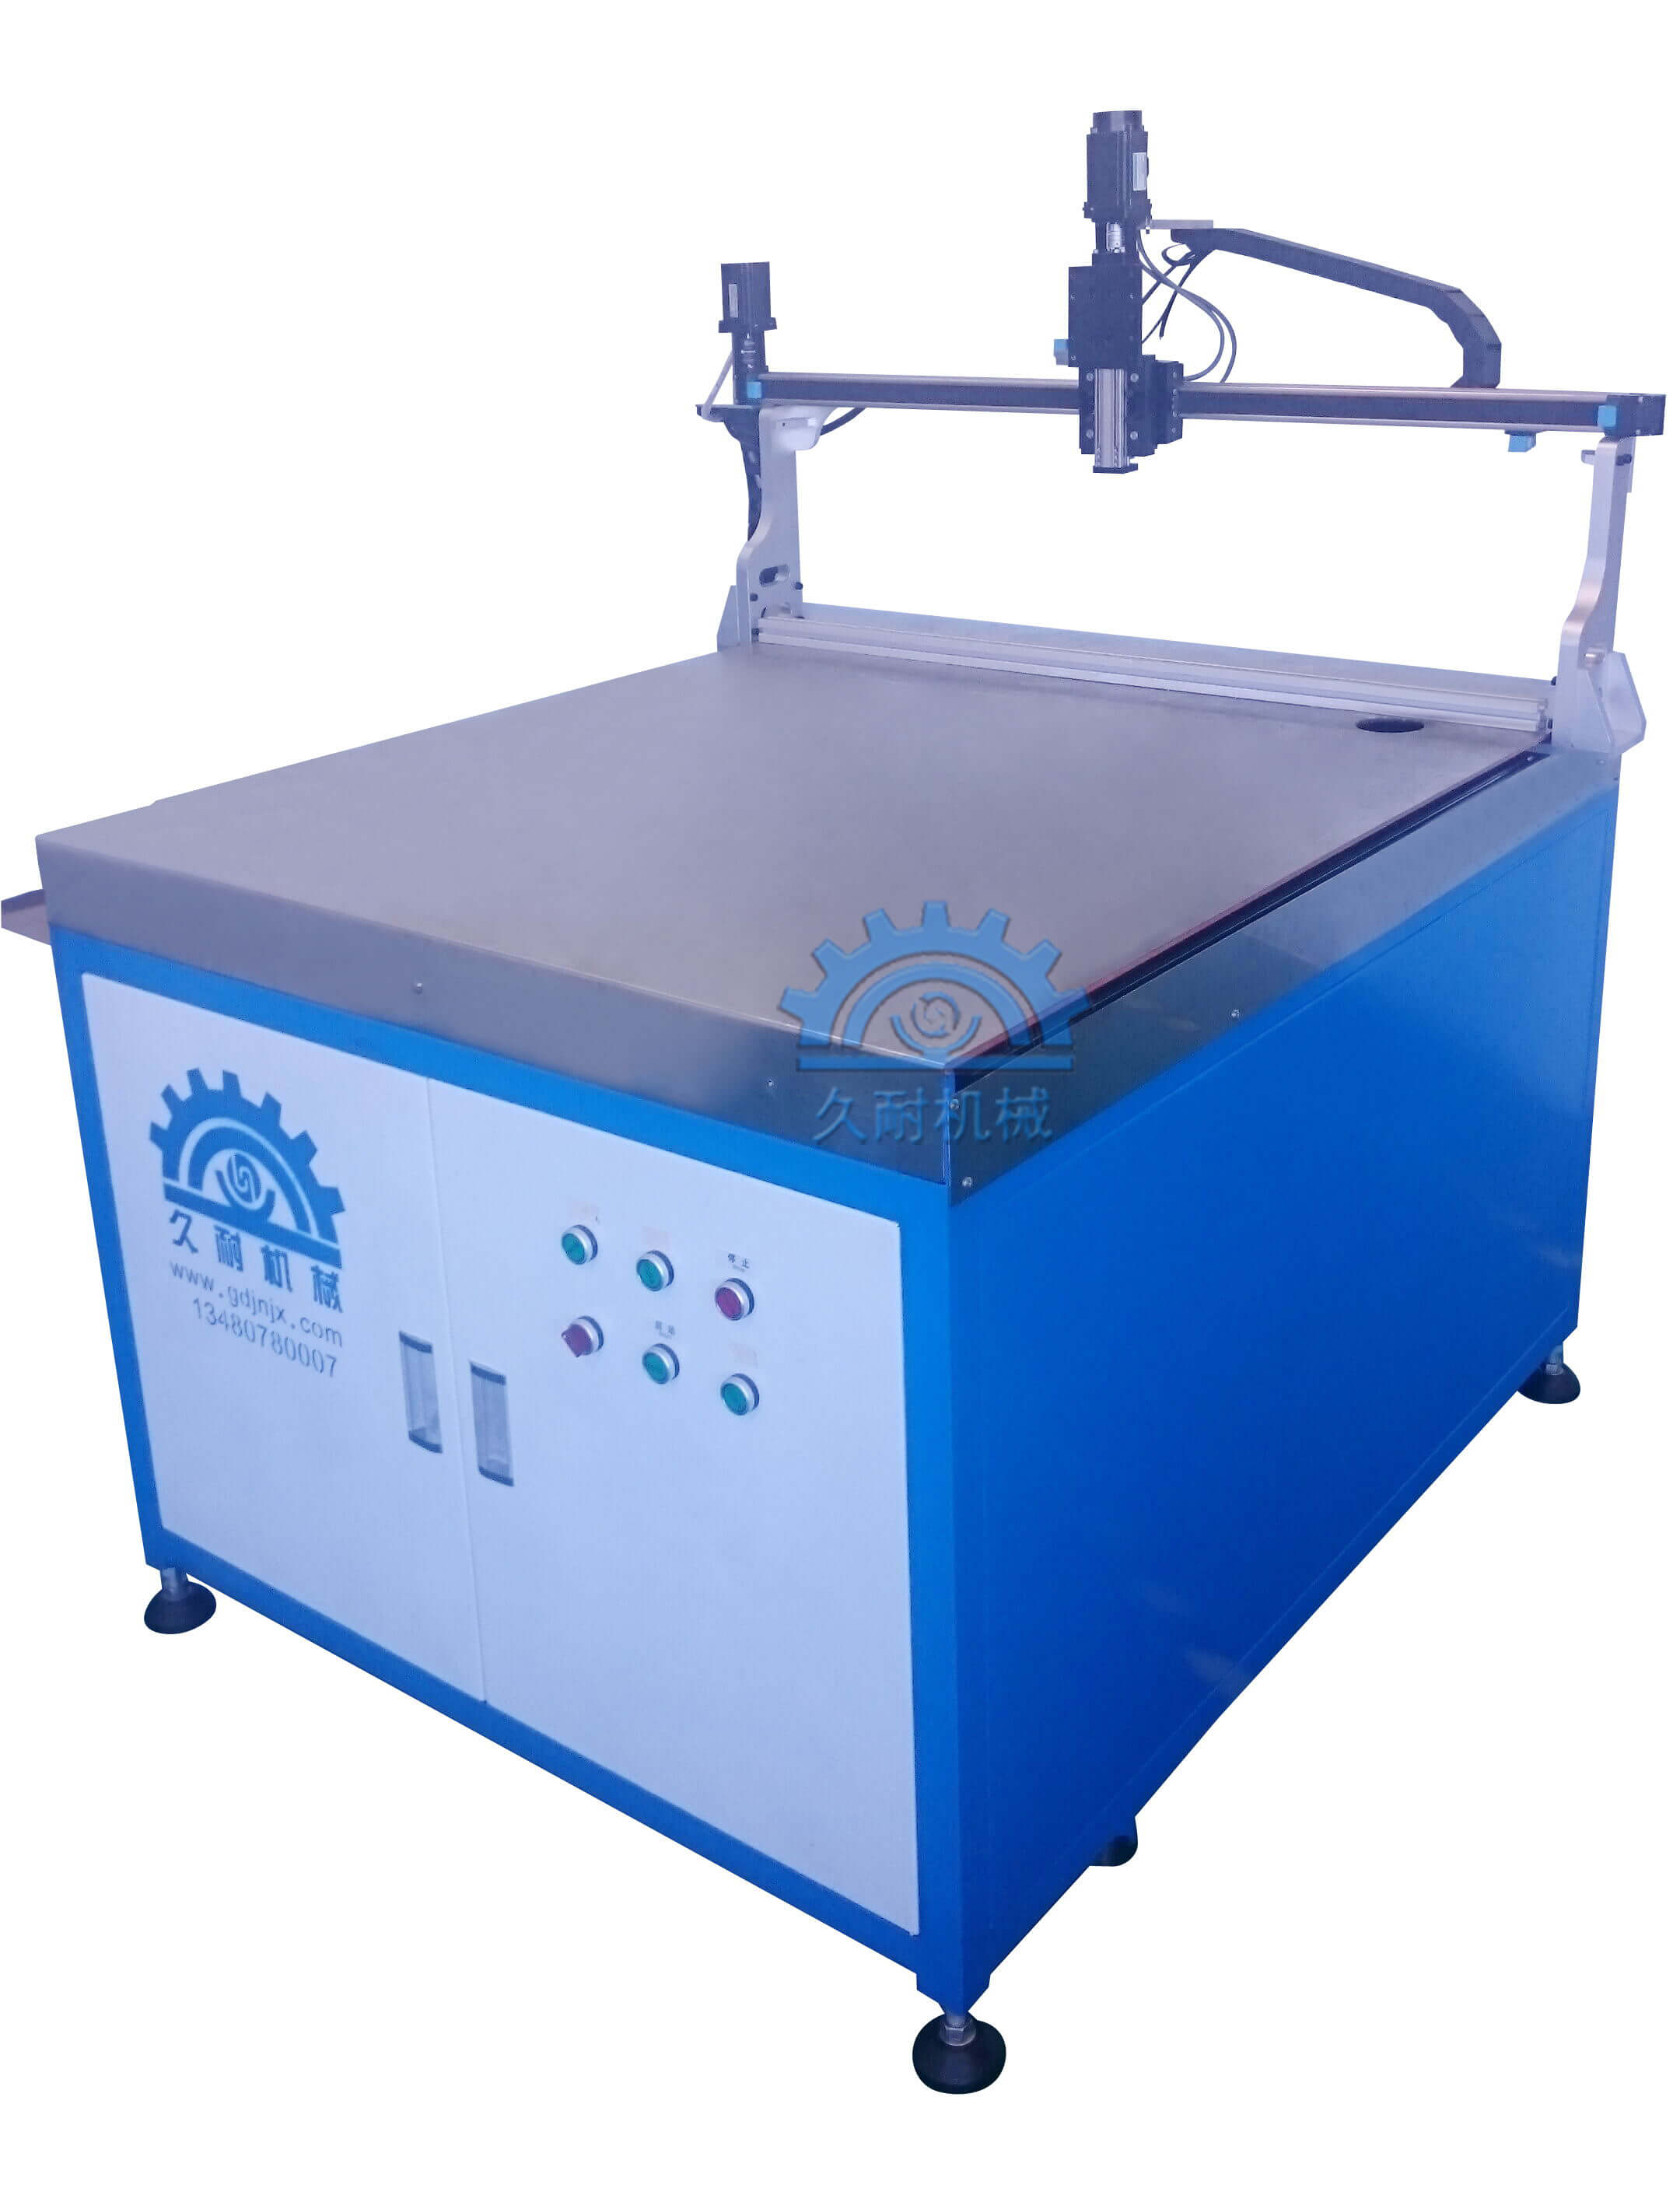 东莞厂家直销供应自动灌胶平台/全自动点胶平台/可定制灌胶机